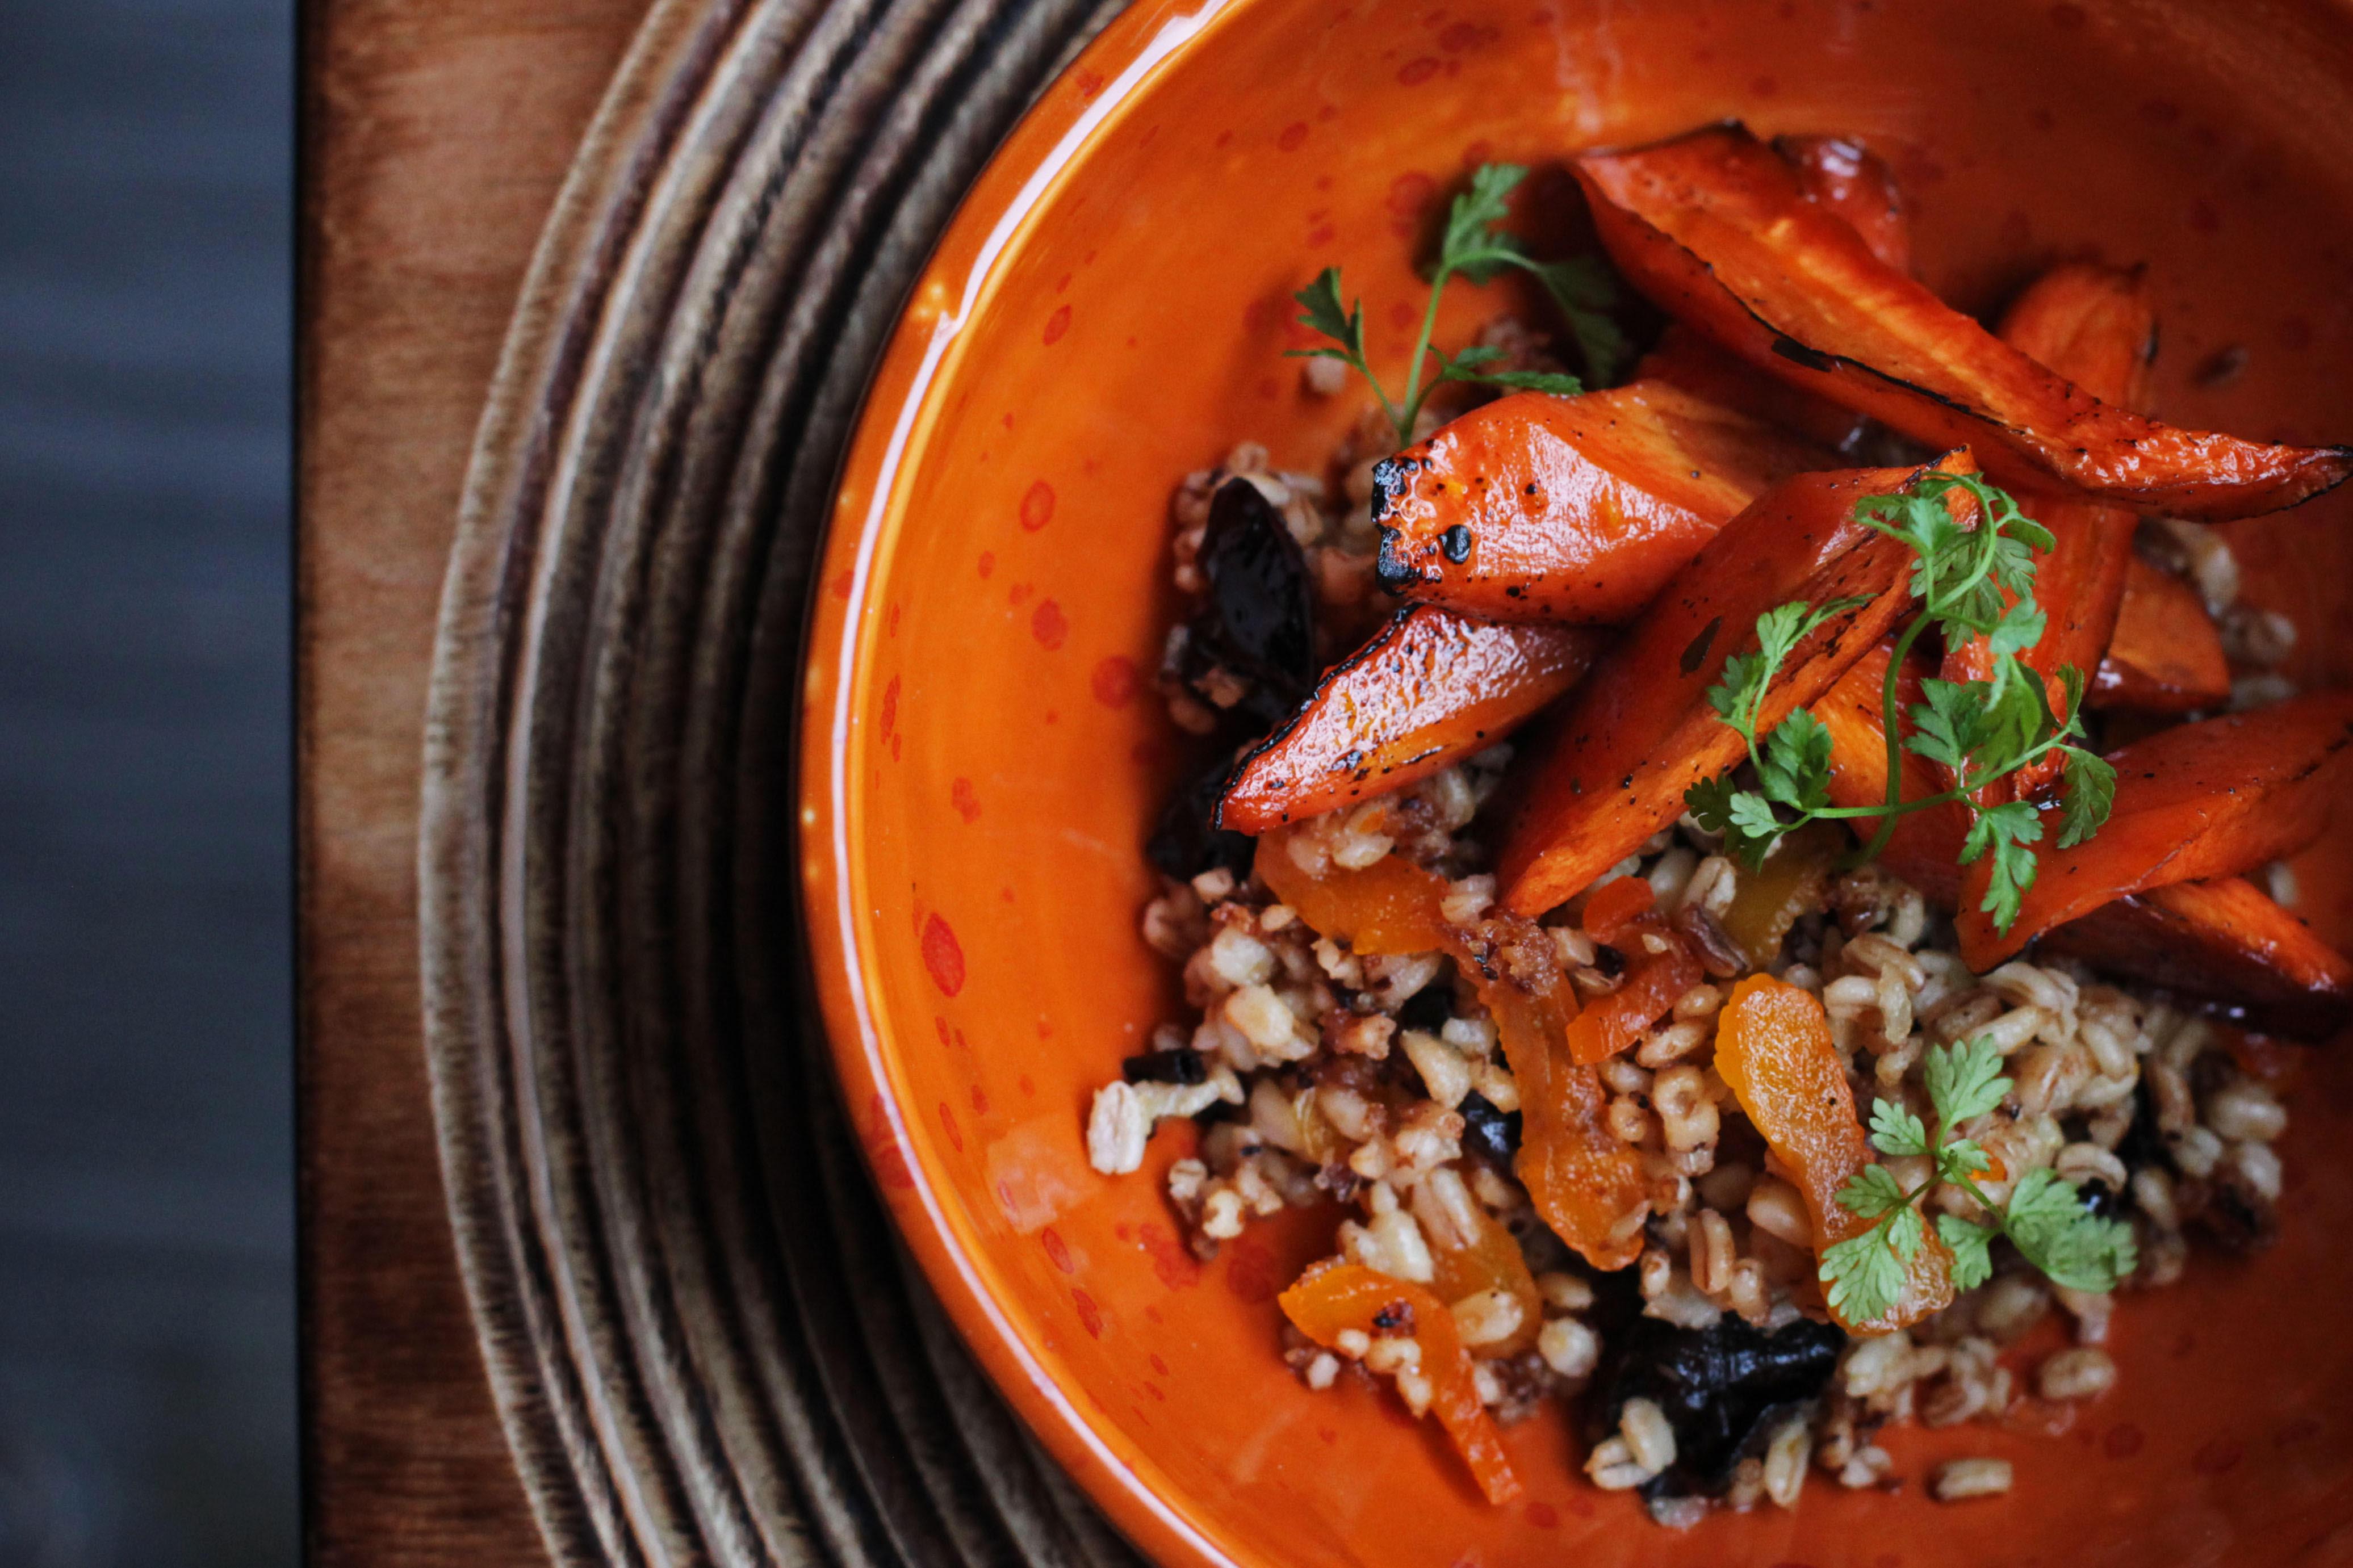 Фото: Постное меню: как приготовить перловку с морковью и сухофруктами